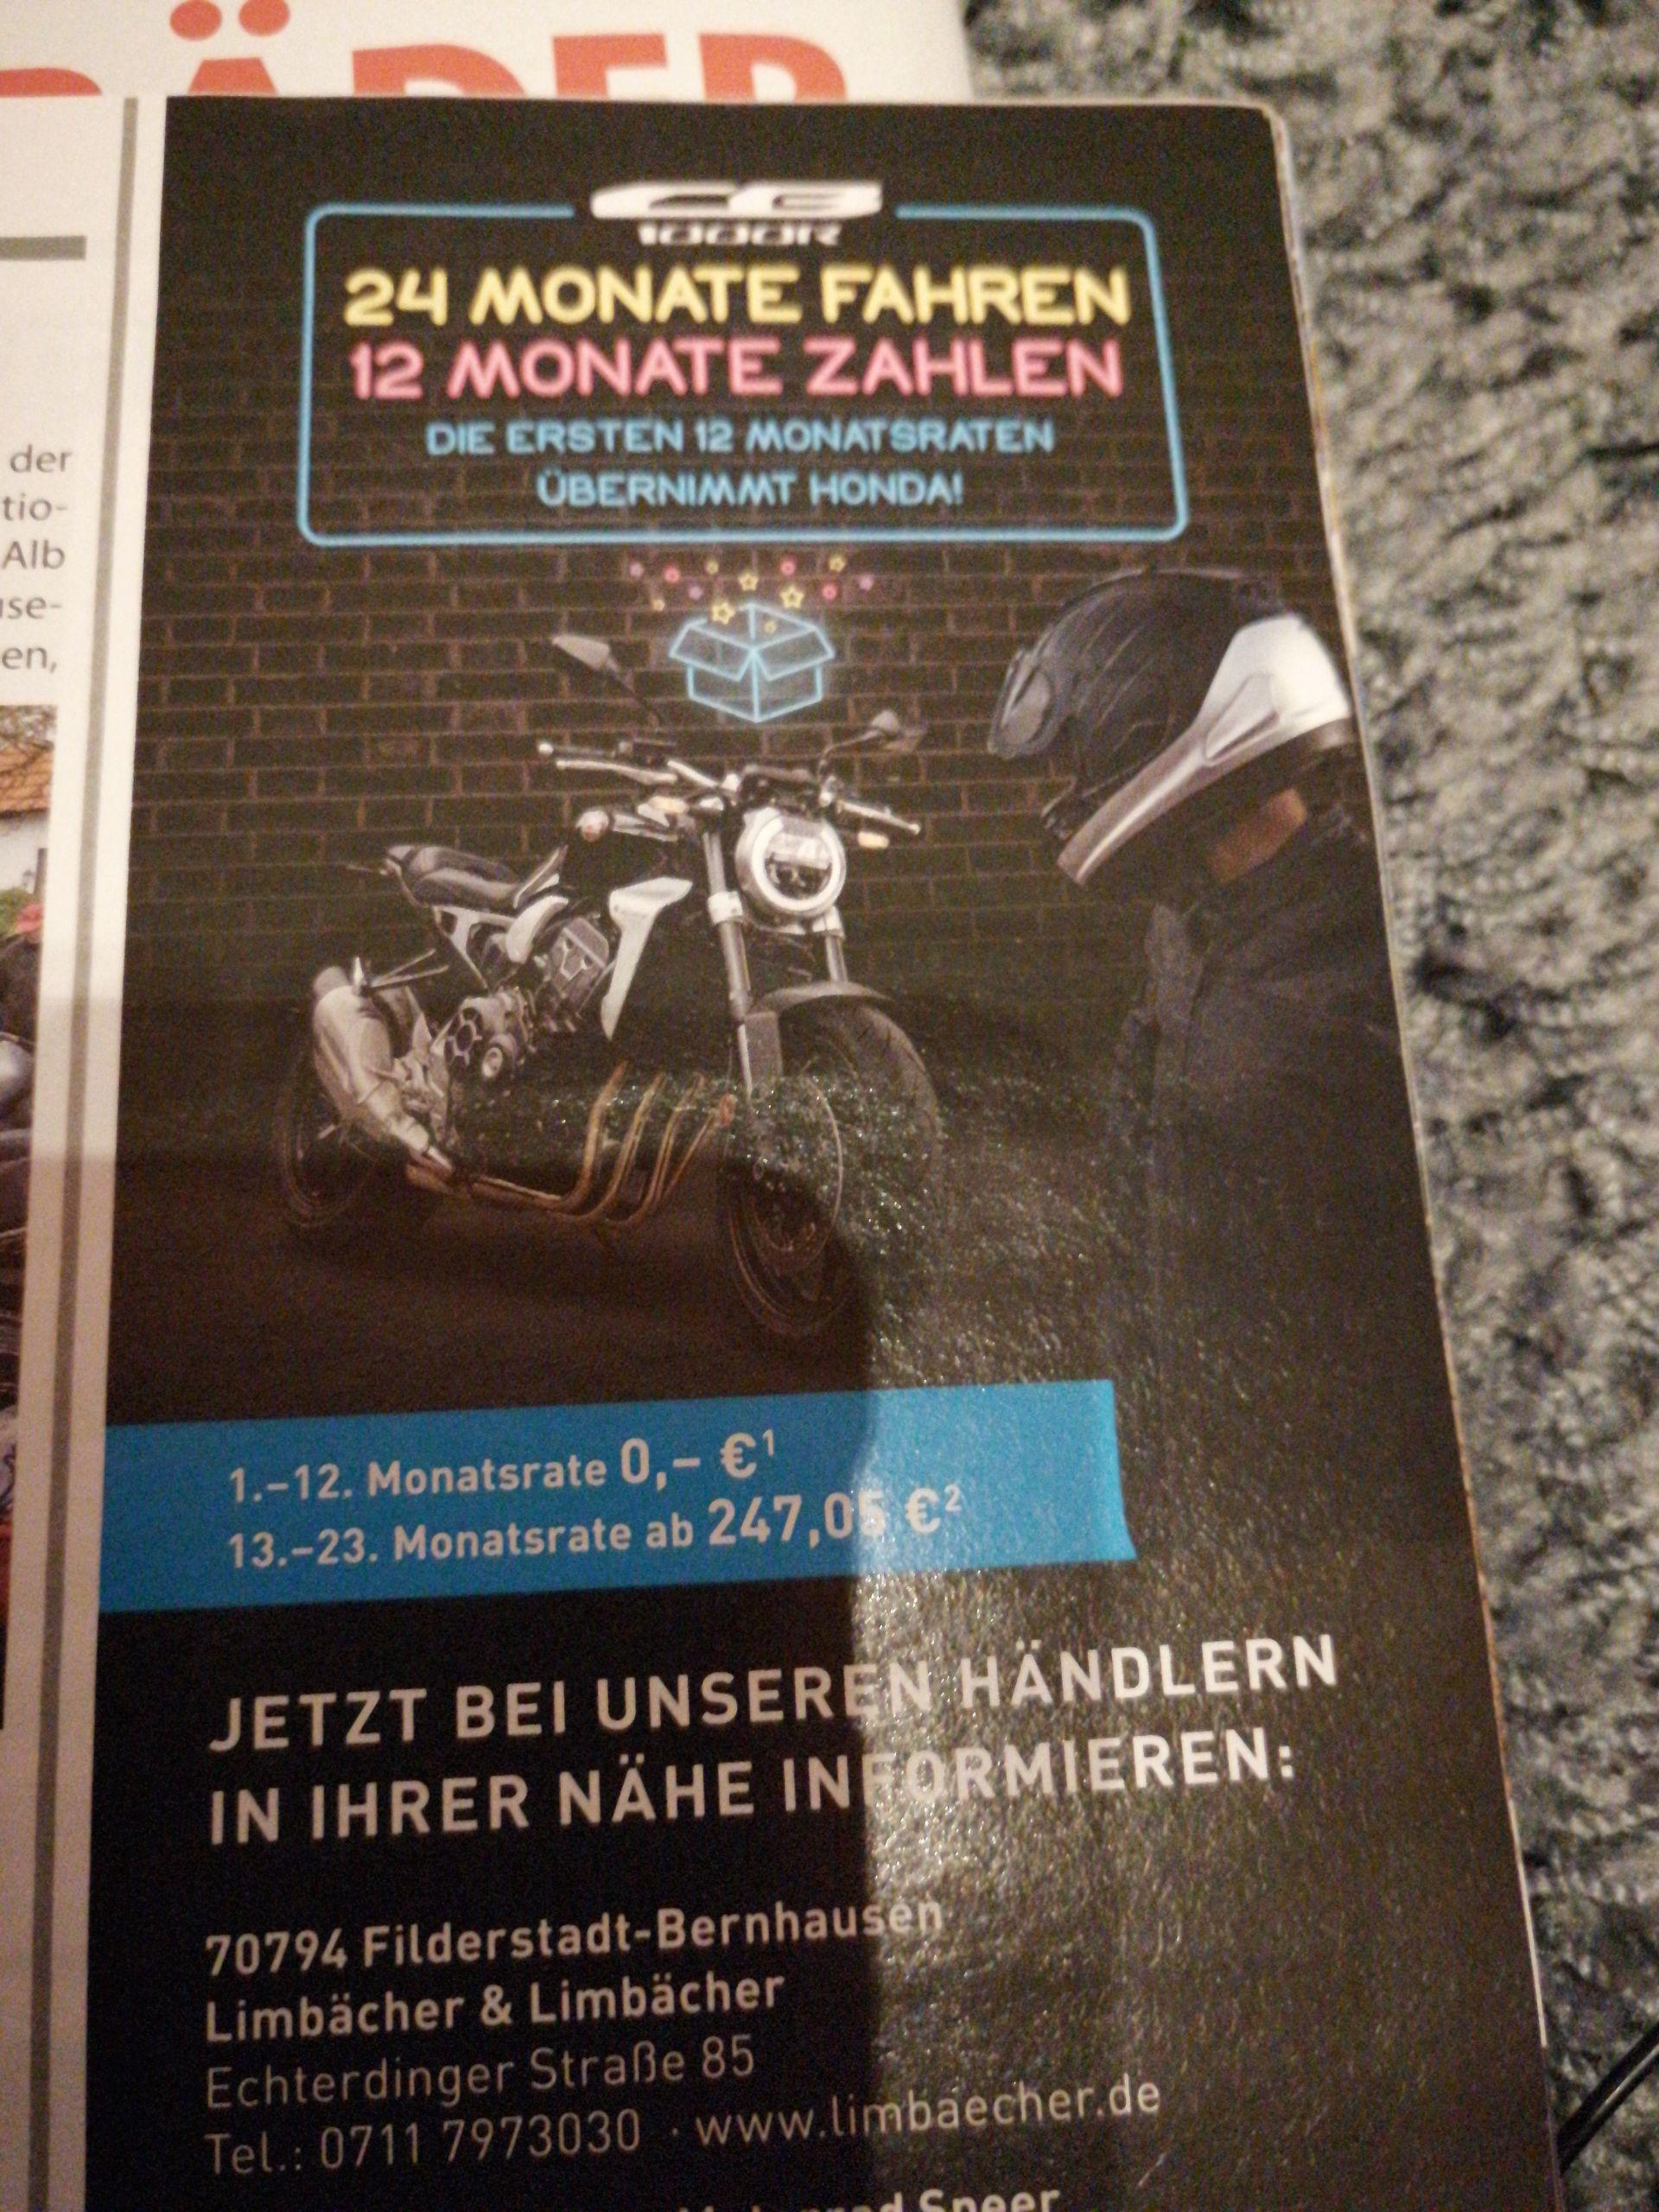 Honda CB 1000R 24 Monate fahren 12 Monate bezahlten (12tkm /24 Monate)